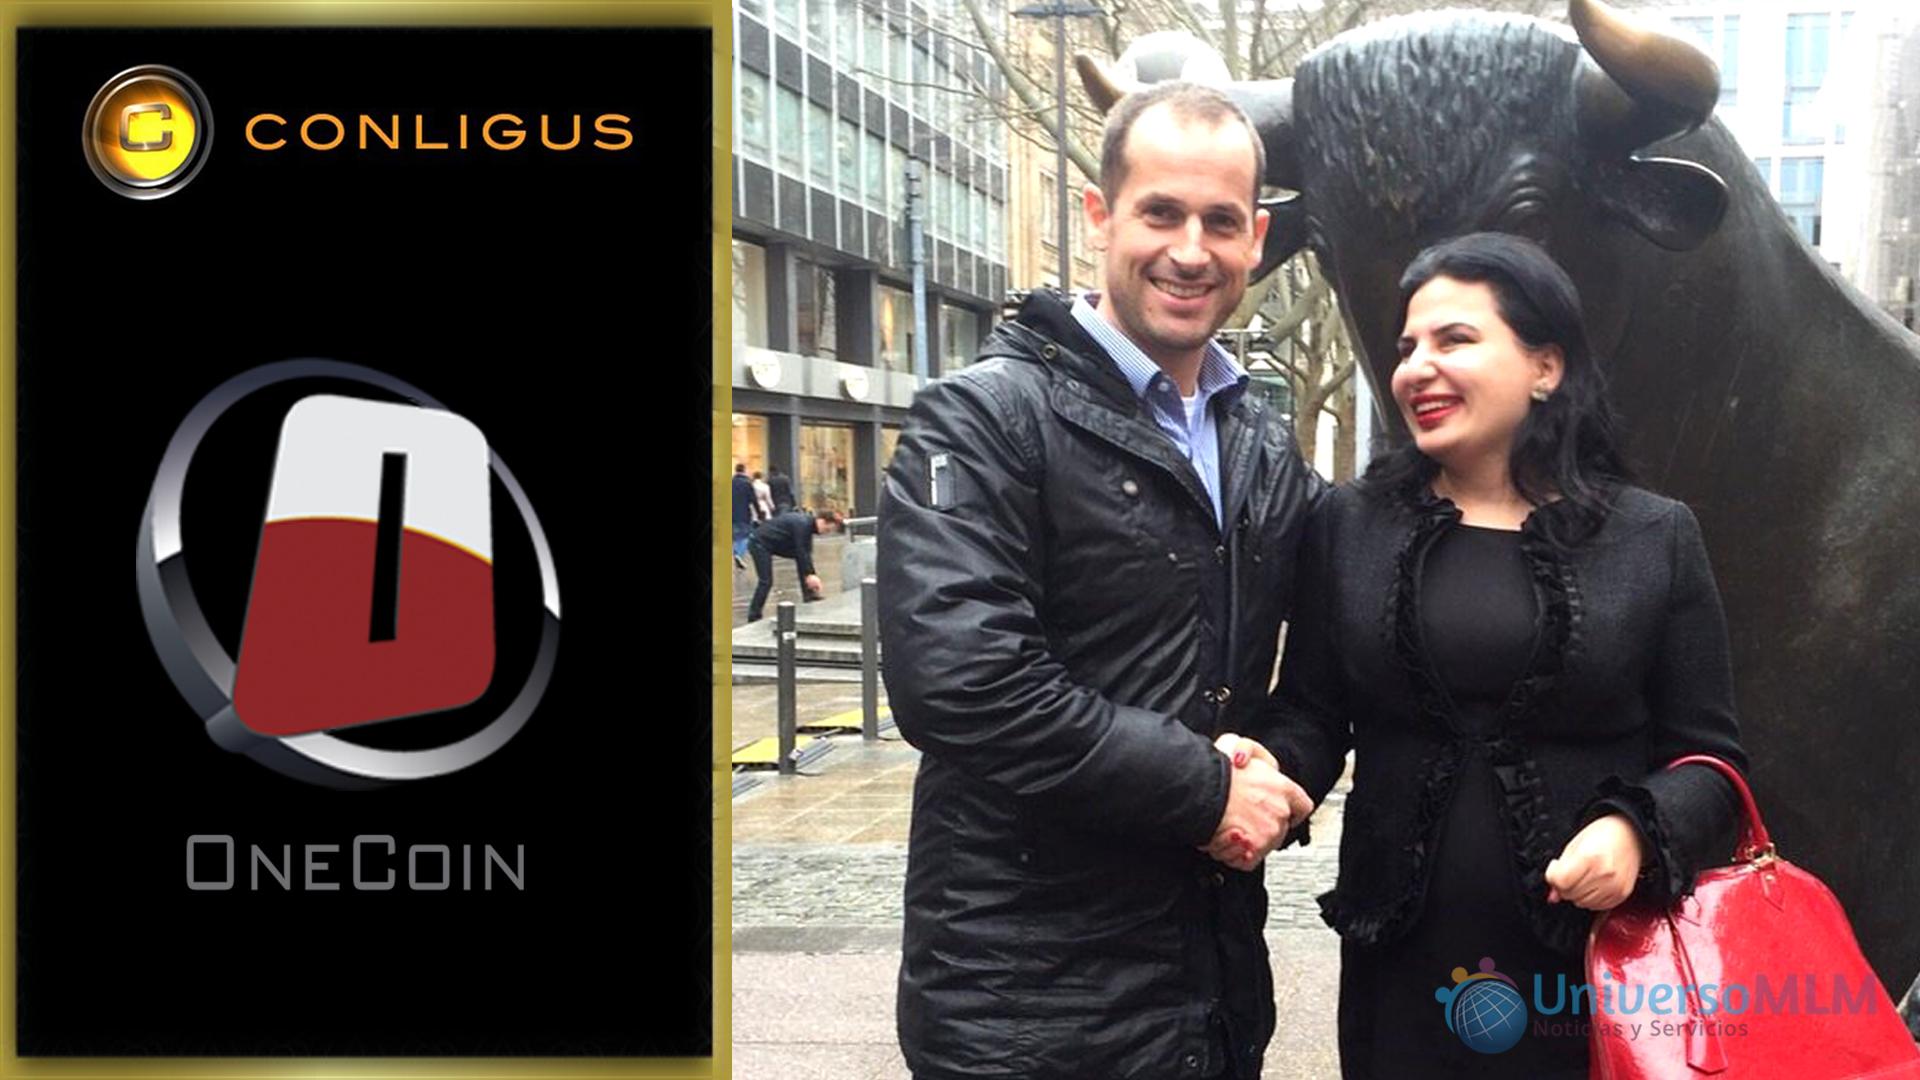 conligus-onecoin